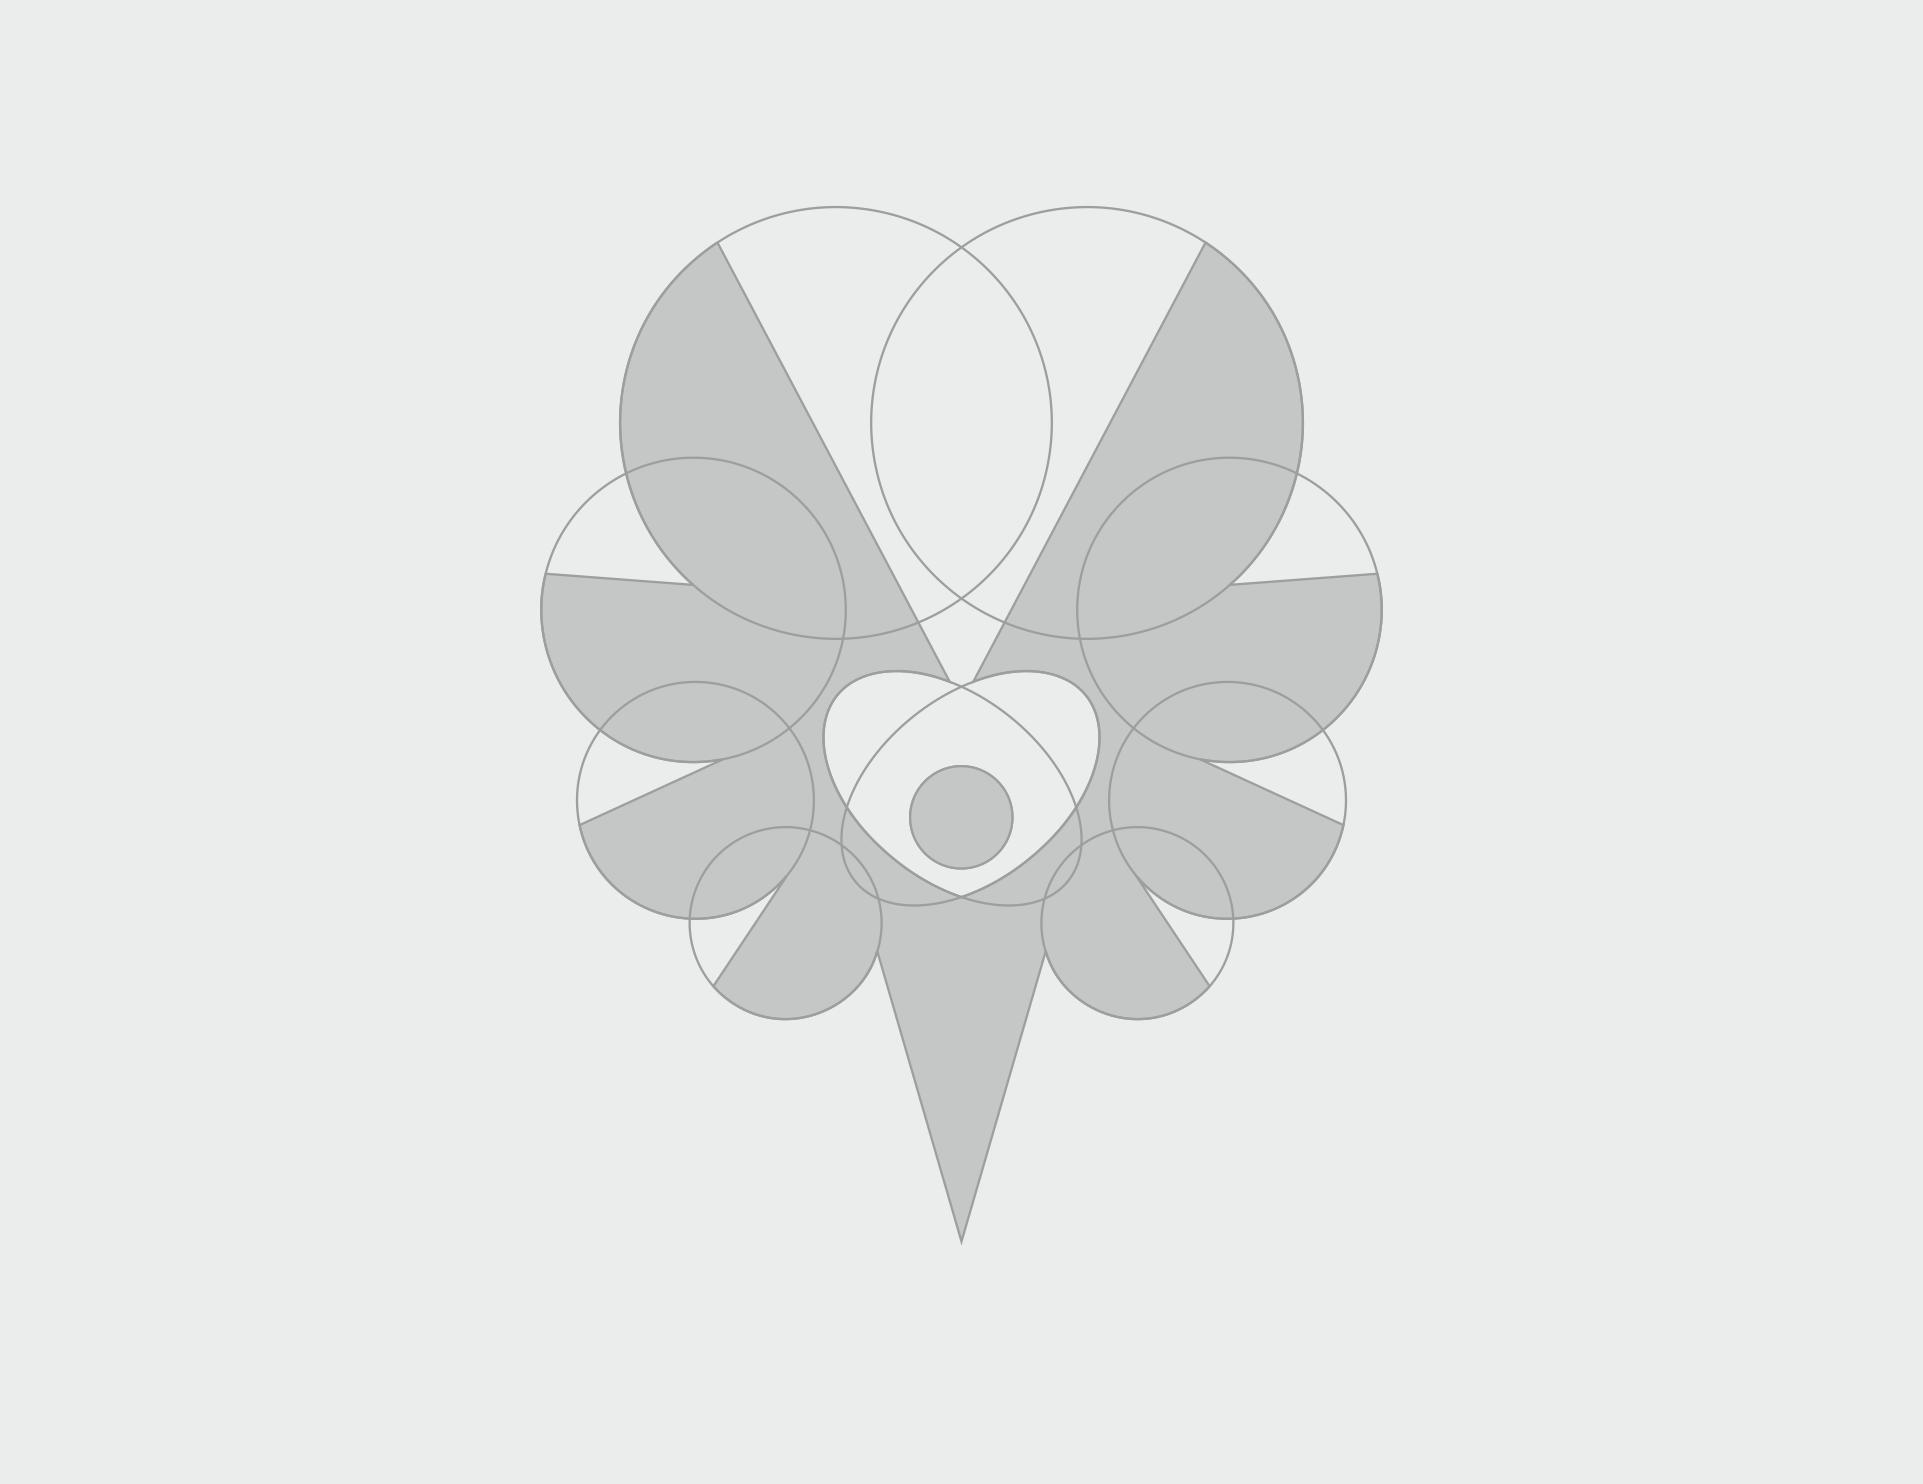 Разработка Логотипа. Победитель получит расширеный заказ  фото f_6705c32ccaf87cda.png